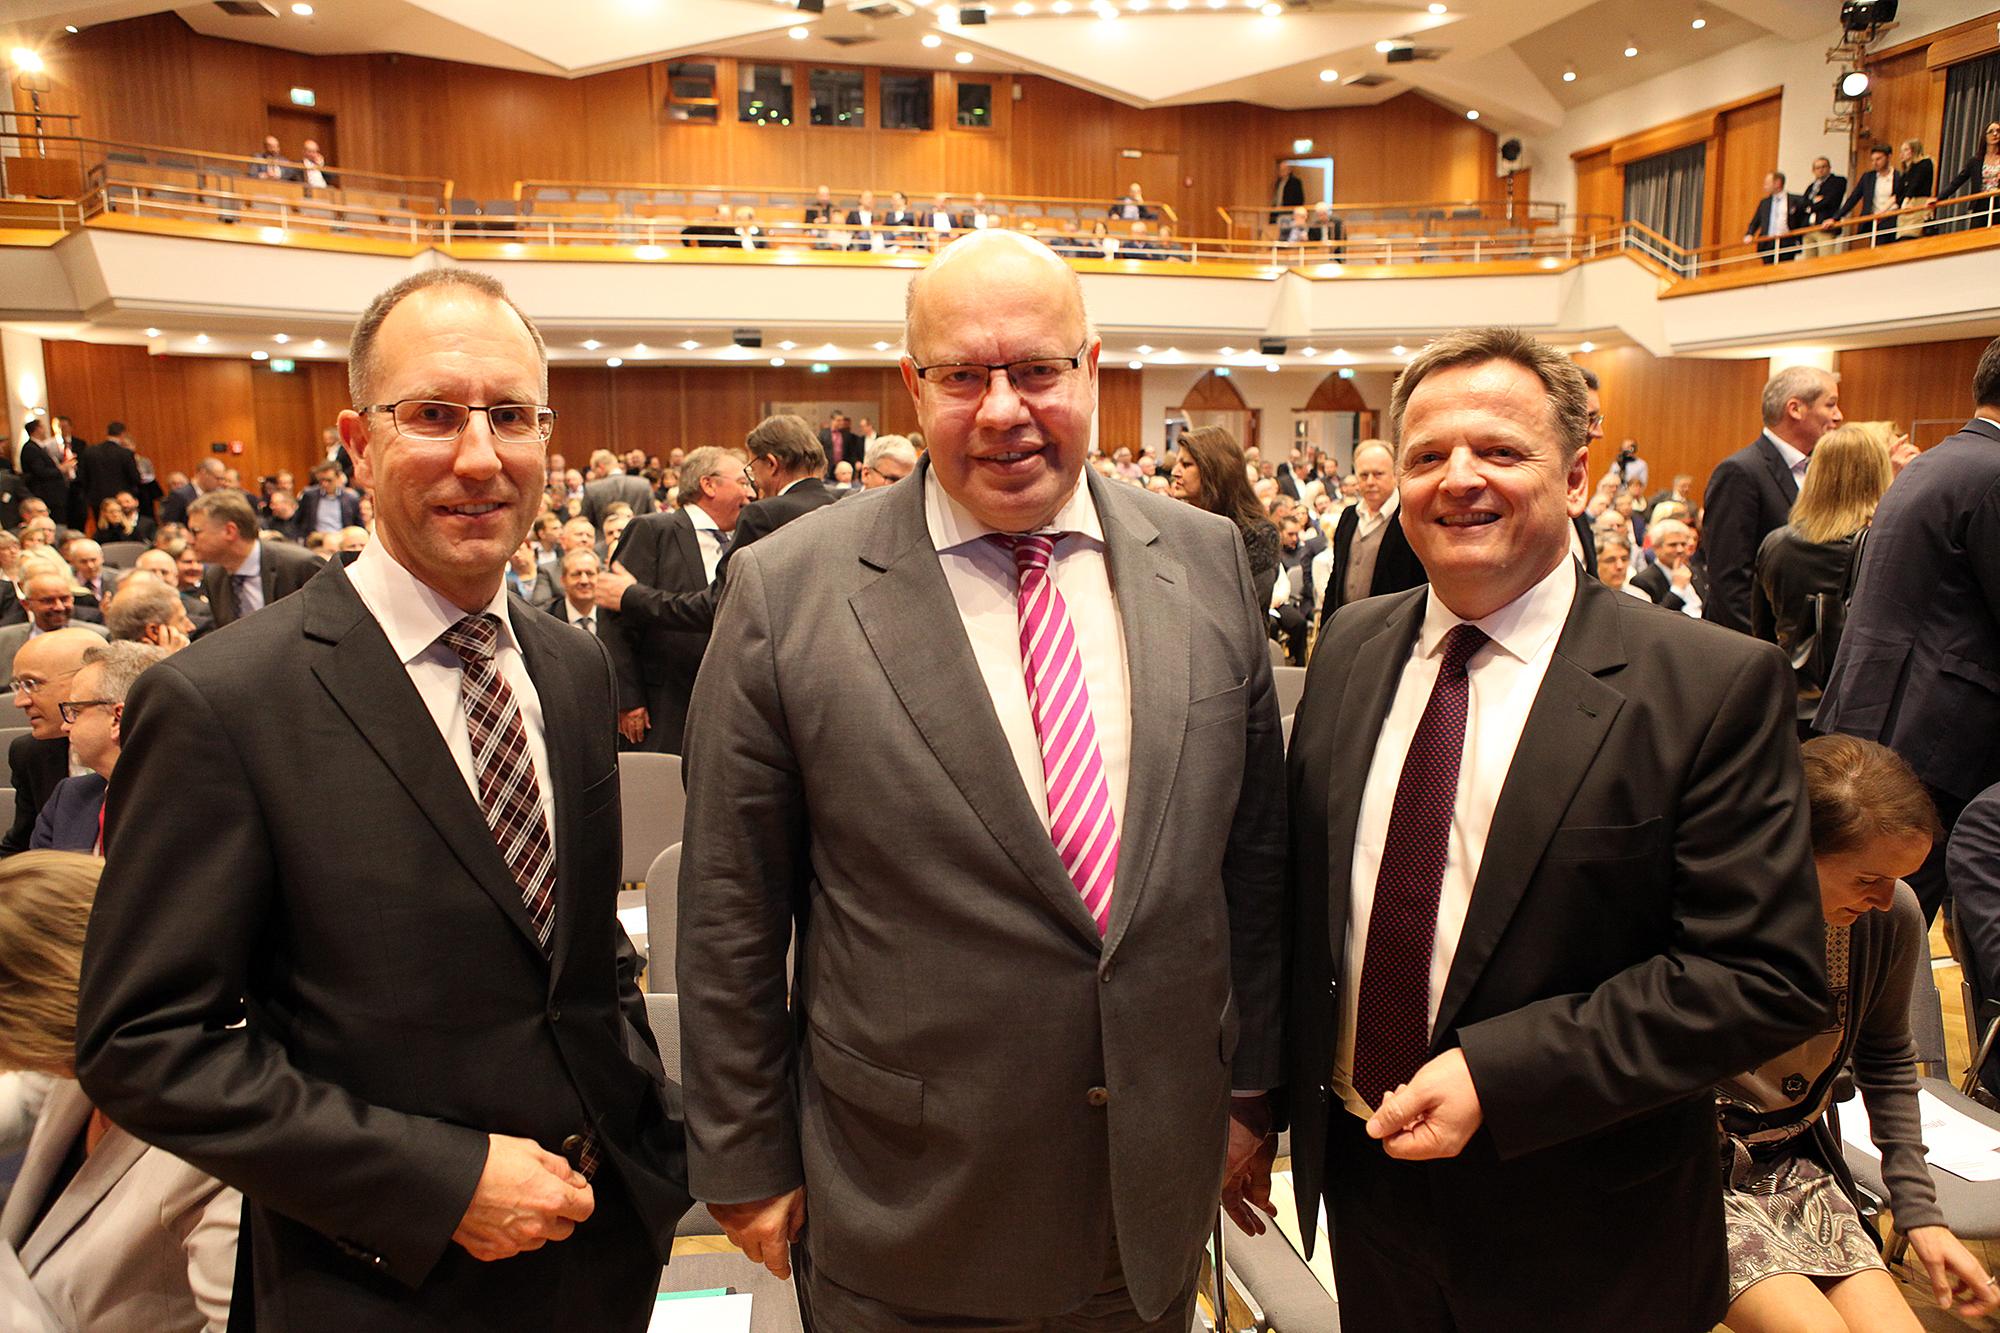 Markus Beier (Ltd. Geschäftsführer IHK Bezirkskammer Rems-Murr), Bundeswirtschaftsminister Peter Altmaier, Claus Paal, MdL (Präsident IHK Bezirkskammer Rems-Murr) [v.l.n.r.]